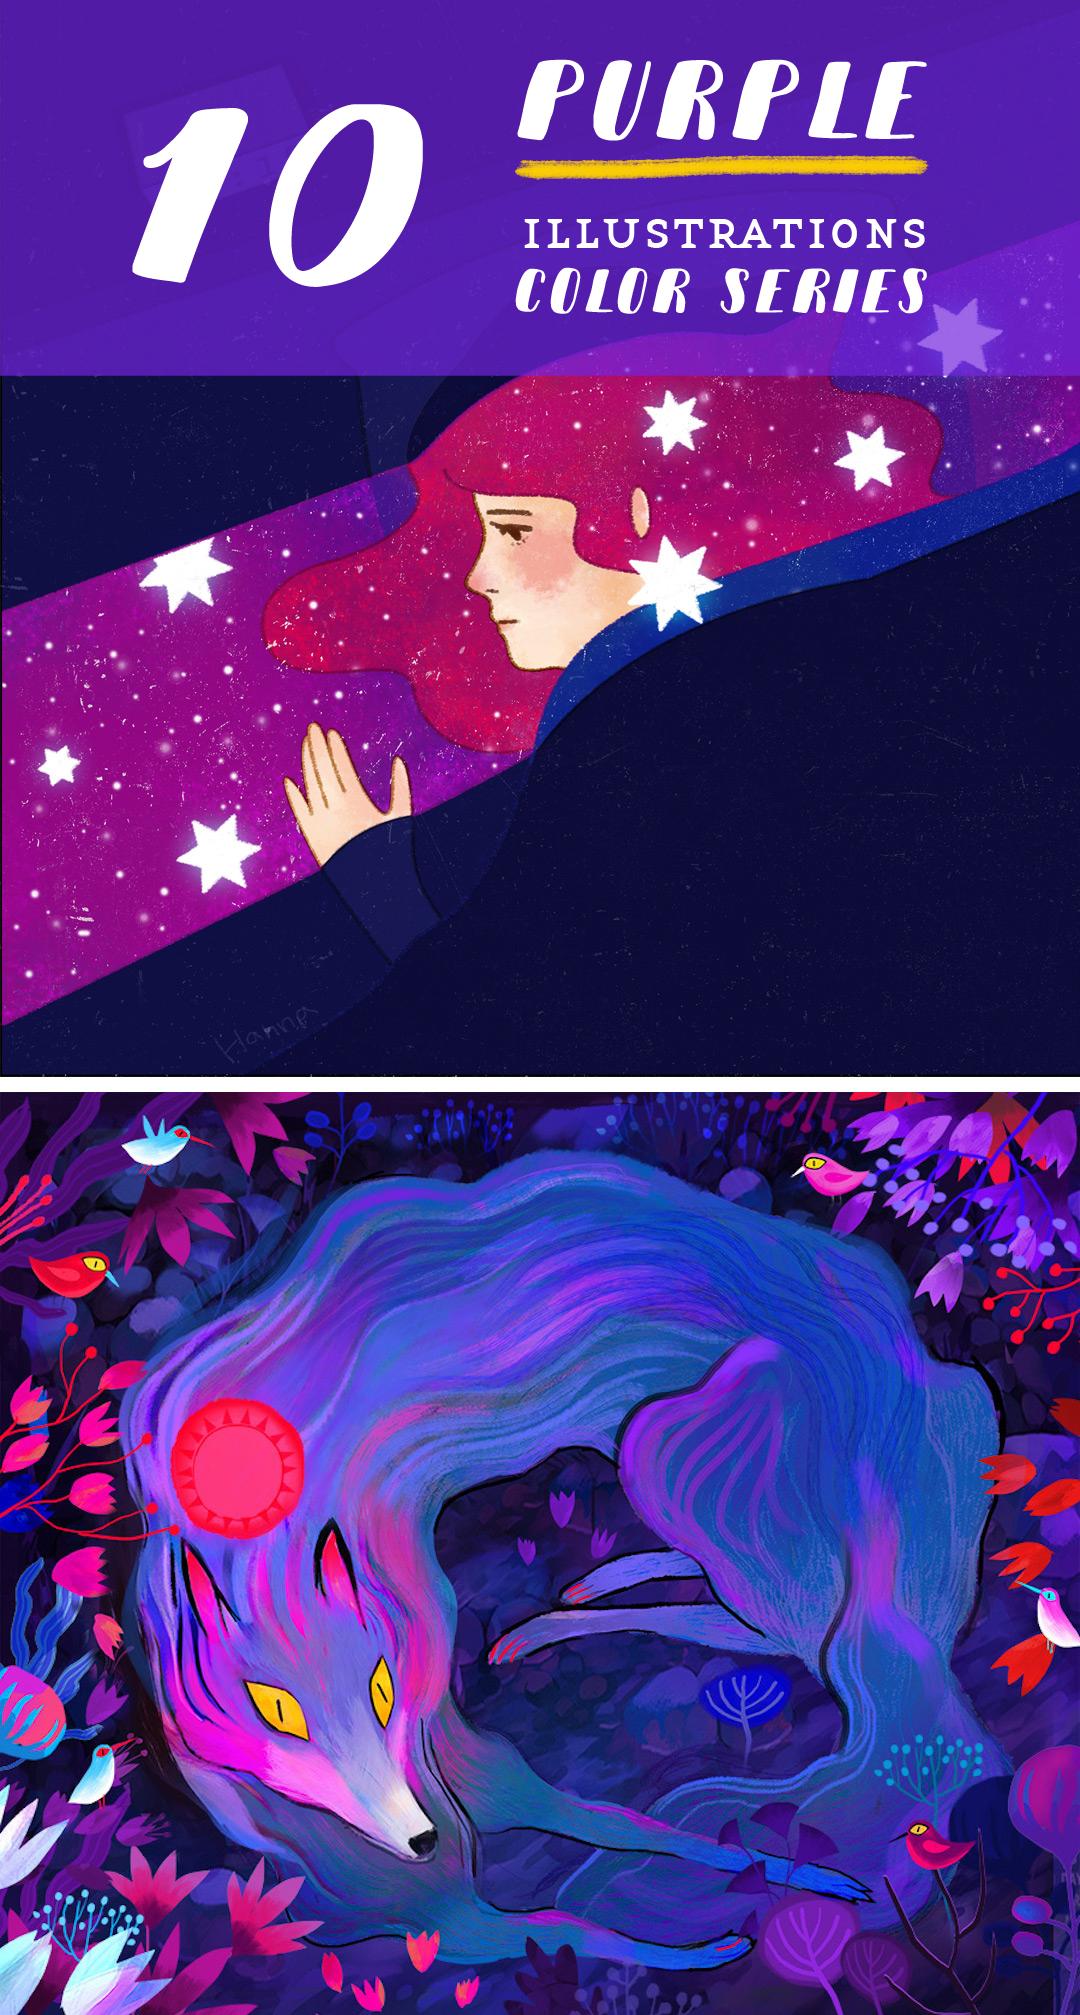 Purple illustrations